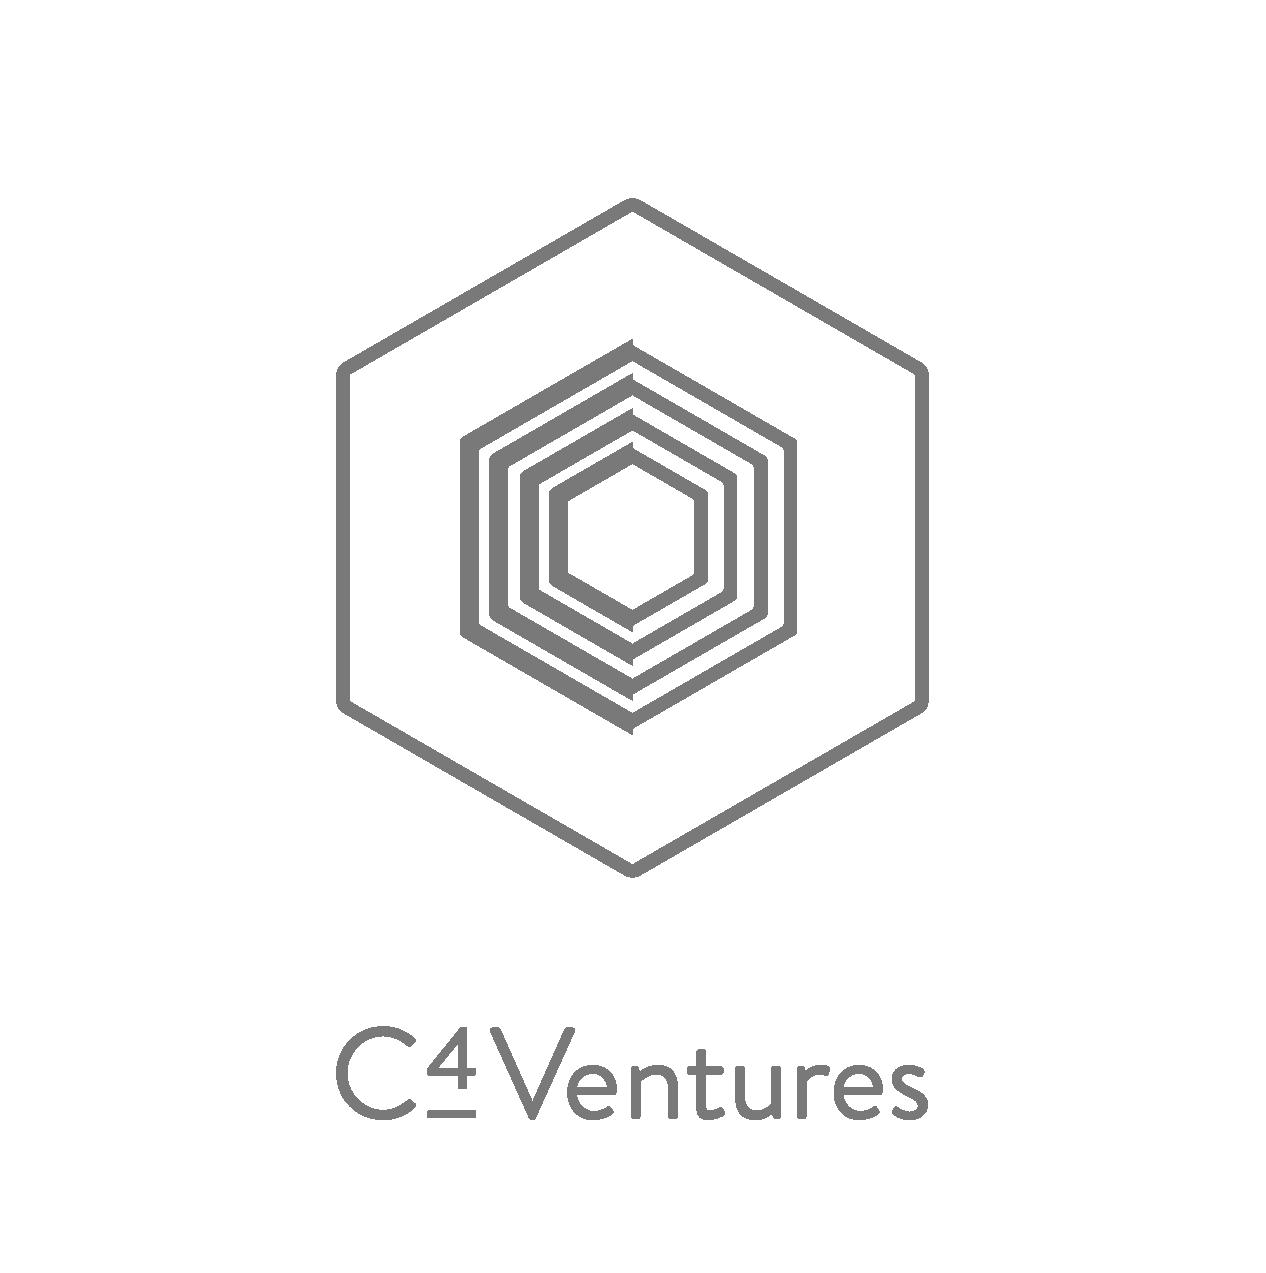 C4Ventures-Portrait-04.png